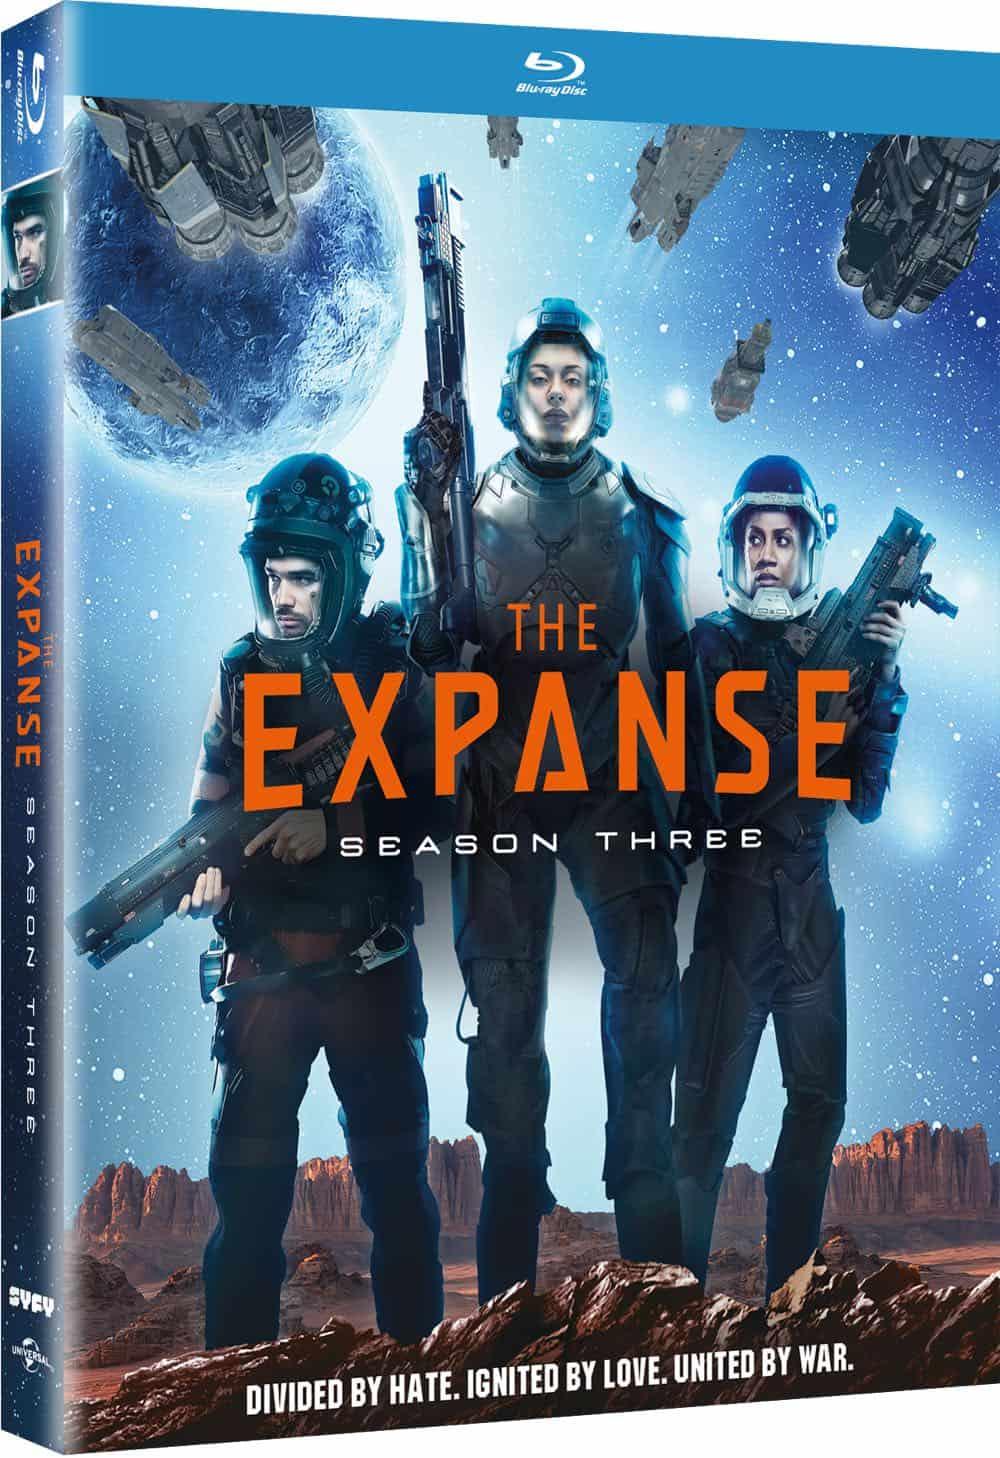 The Expanse Season 3 Bluray Cover 3